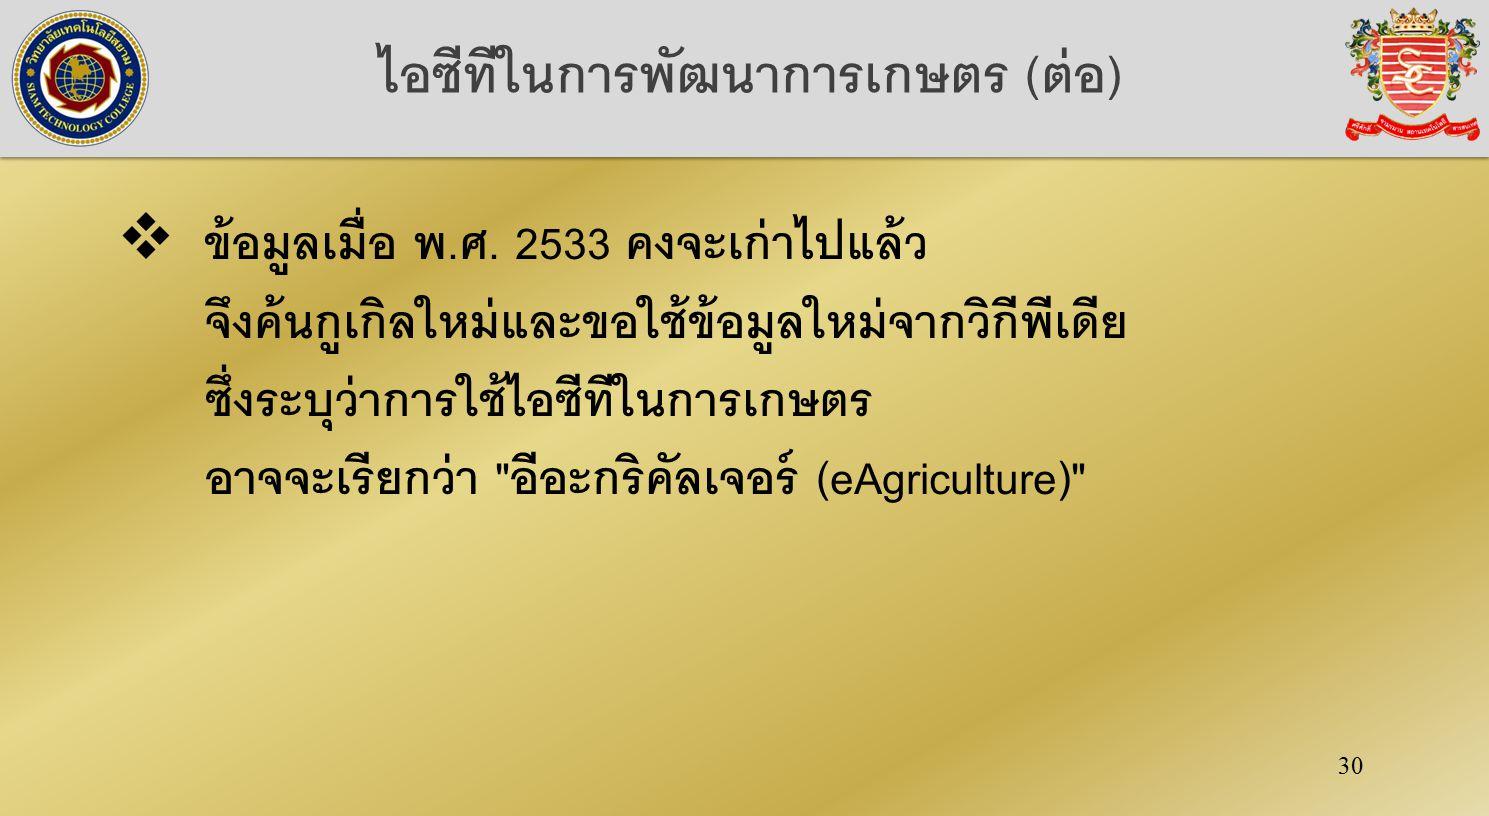 30 ไอซีทีในการพัฒนาการเกษตร (ต่อ)  ข้อมูลเมื่อ พ.ศ.